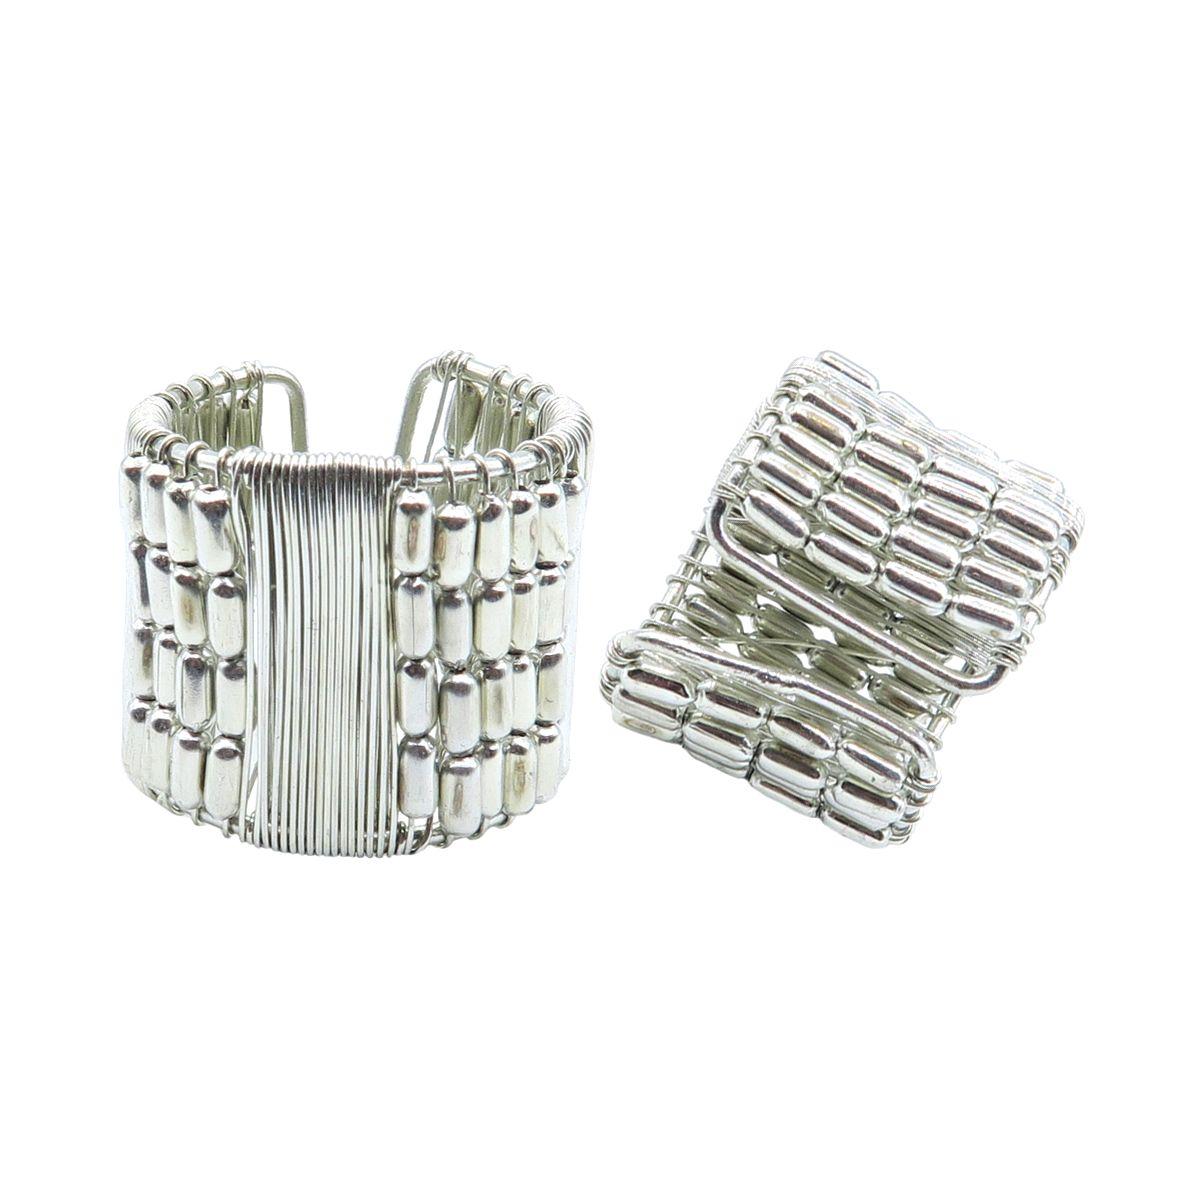 Metal Ring Made in Bali